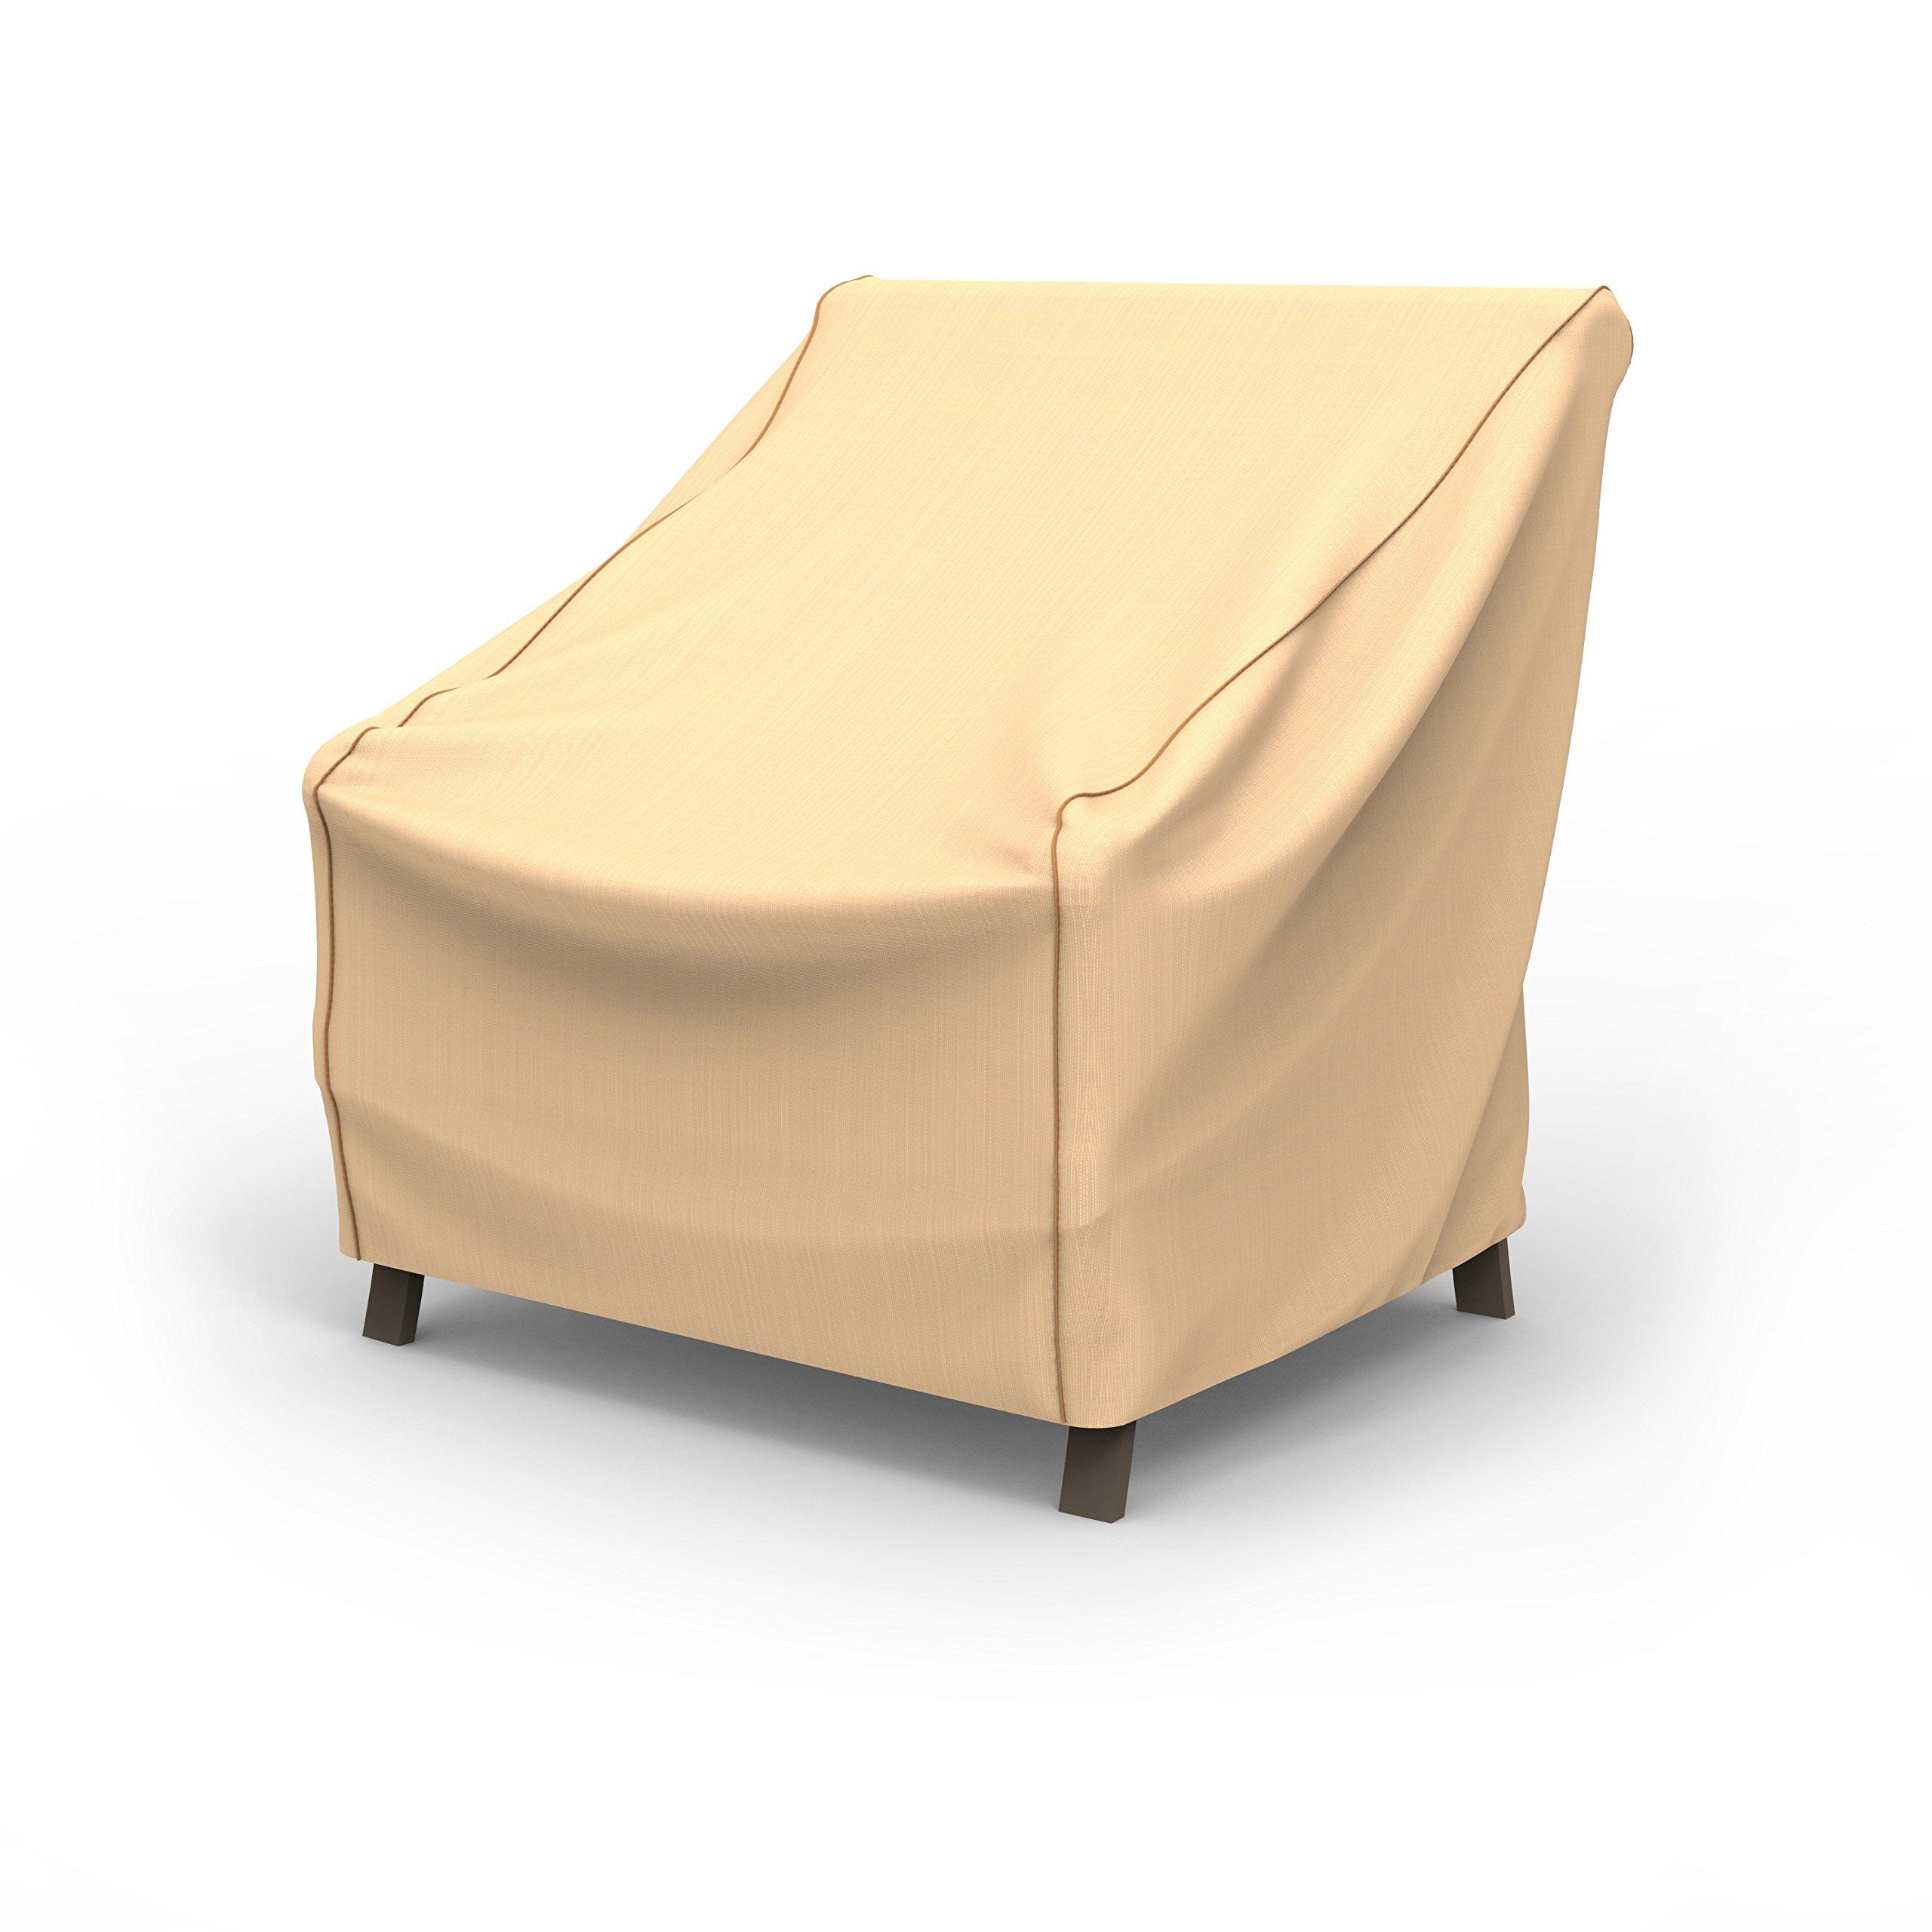 Rust-Oleum NeverWet Patio Chair Cover, Medium (Tan)